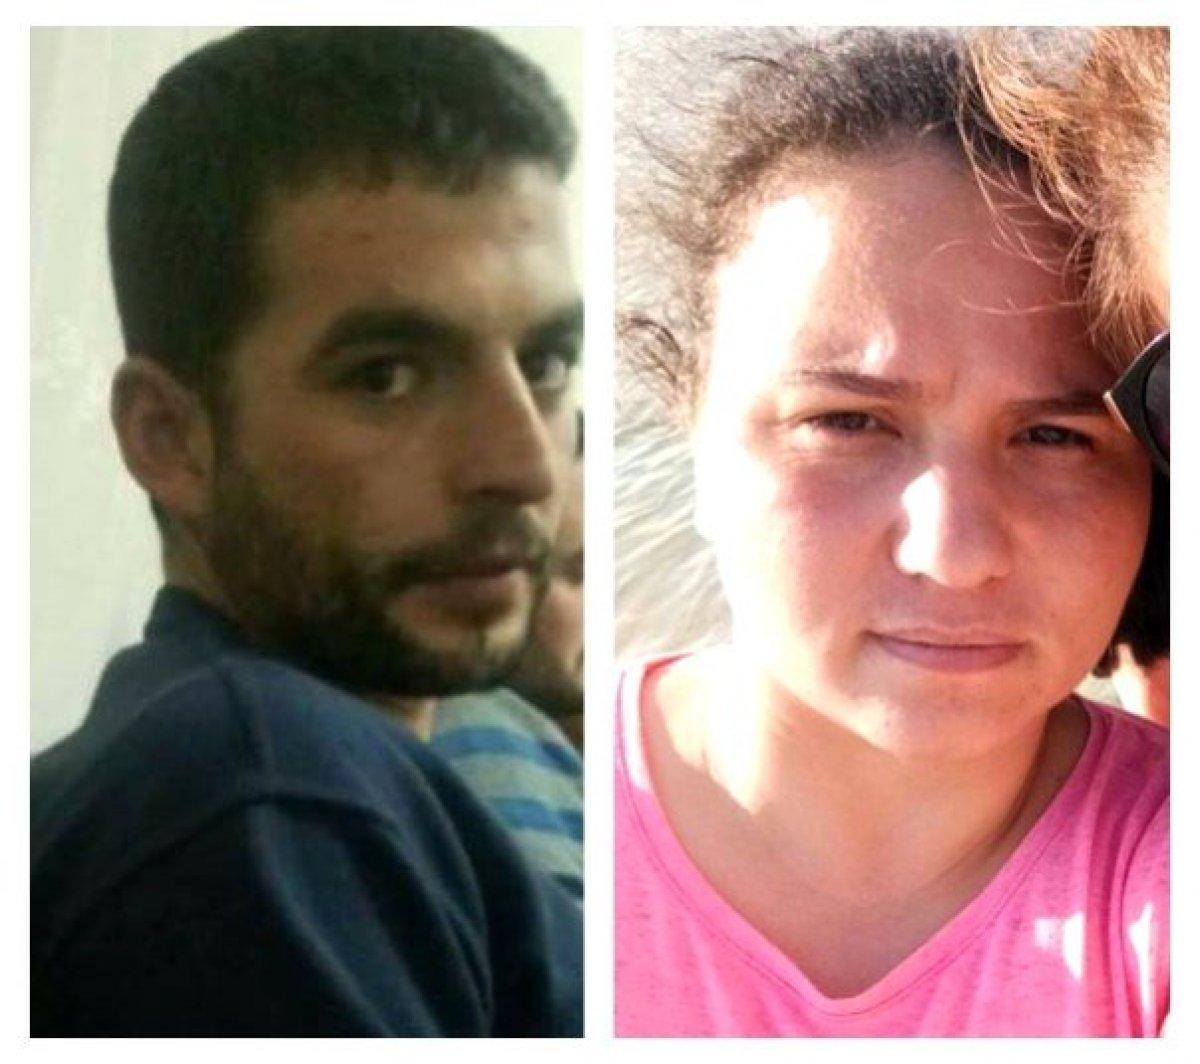 Bahçelievler de eşini öldüren katil zanlısına haksız tahrik indirimi #1